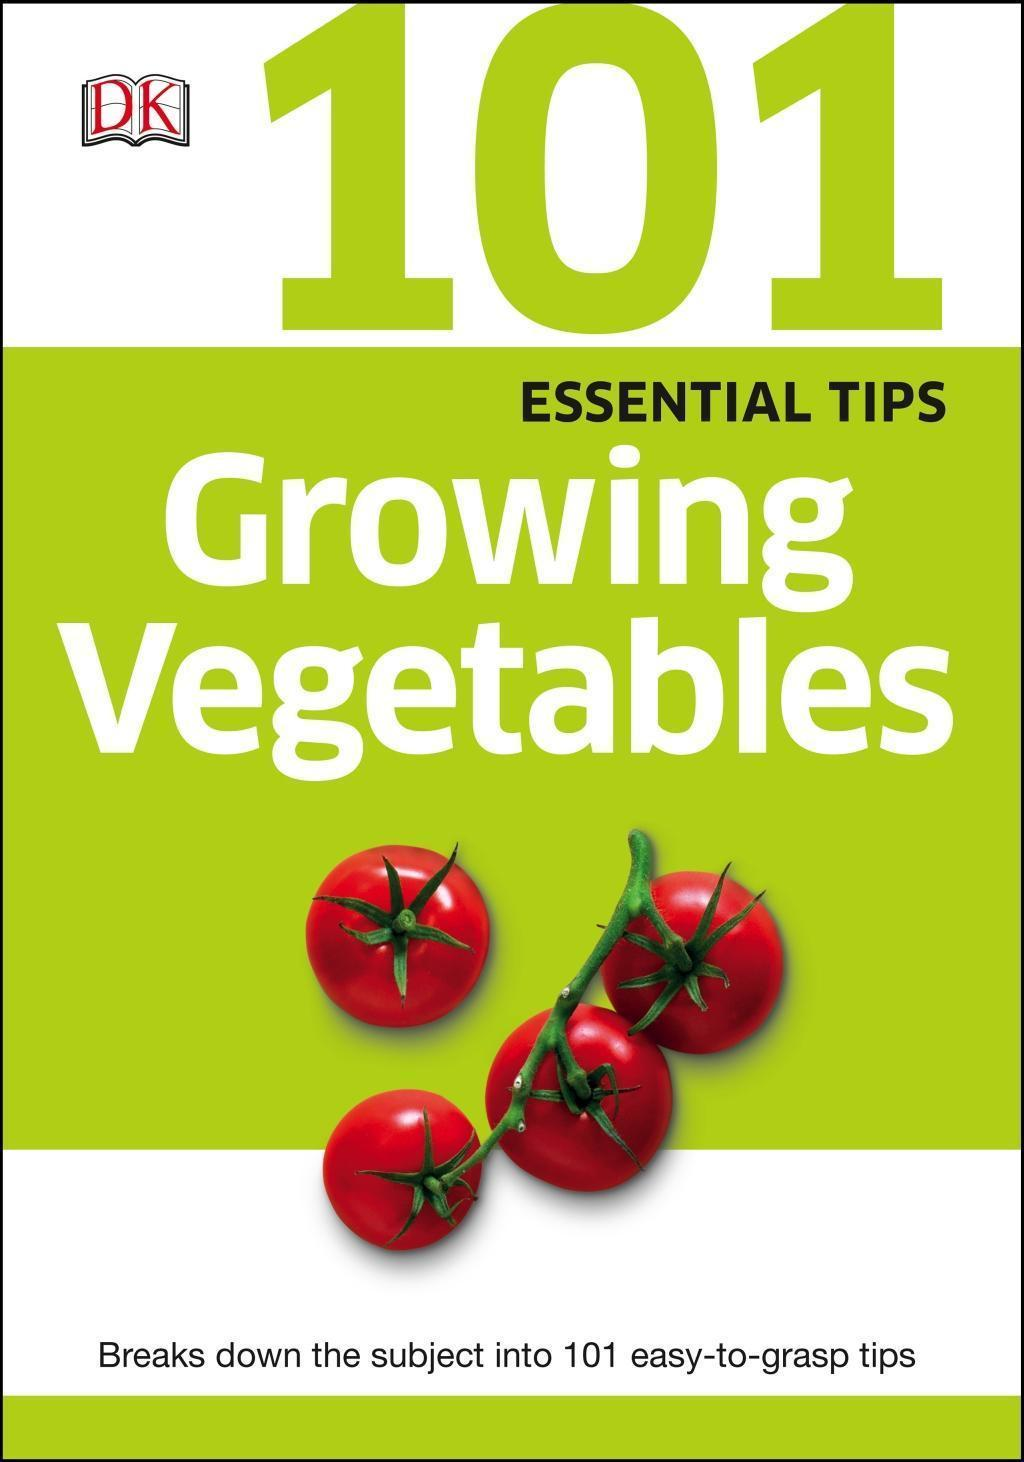 101 Essential Tips Growing Vegetables